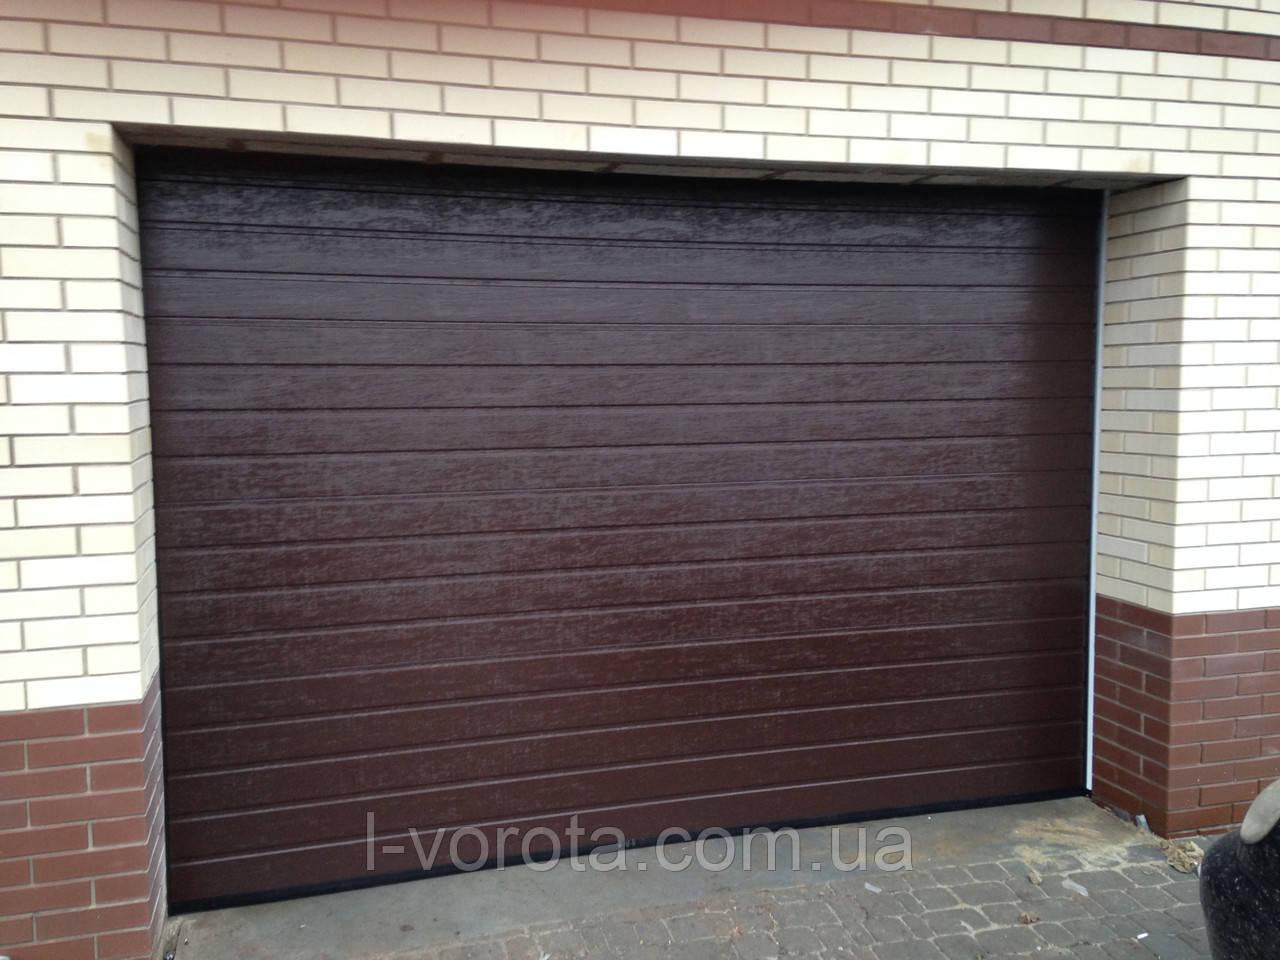 Alutech (Алютех) серия Trend секционные гаражные ворота  ш3500, в2200